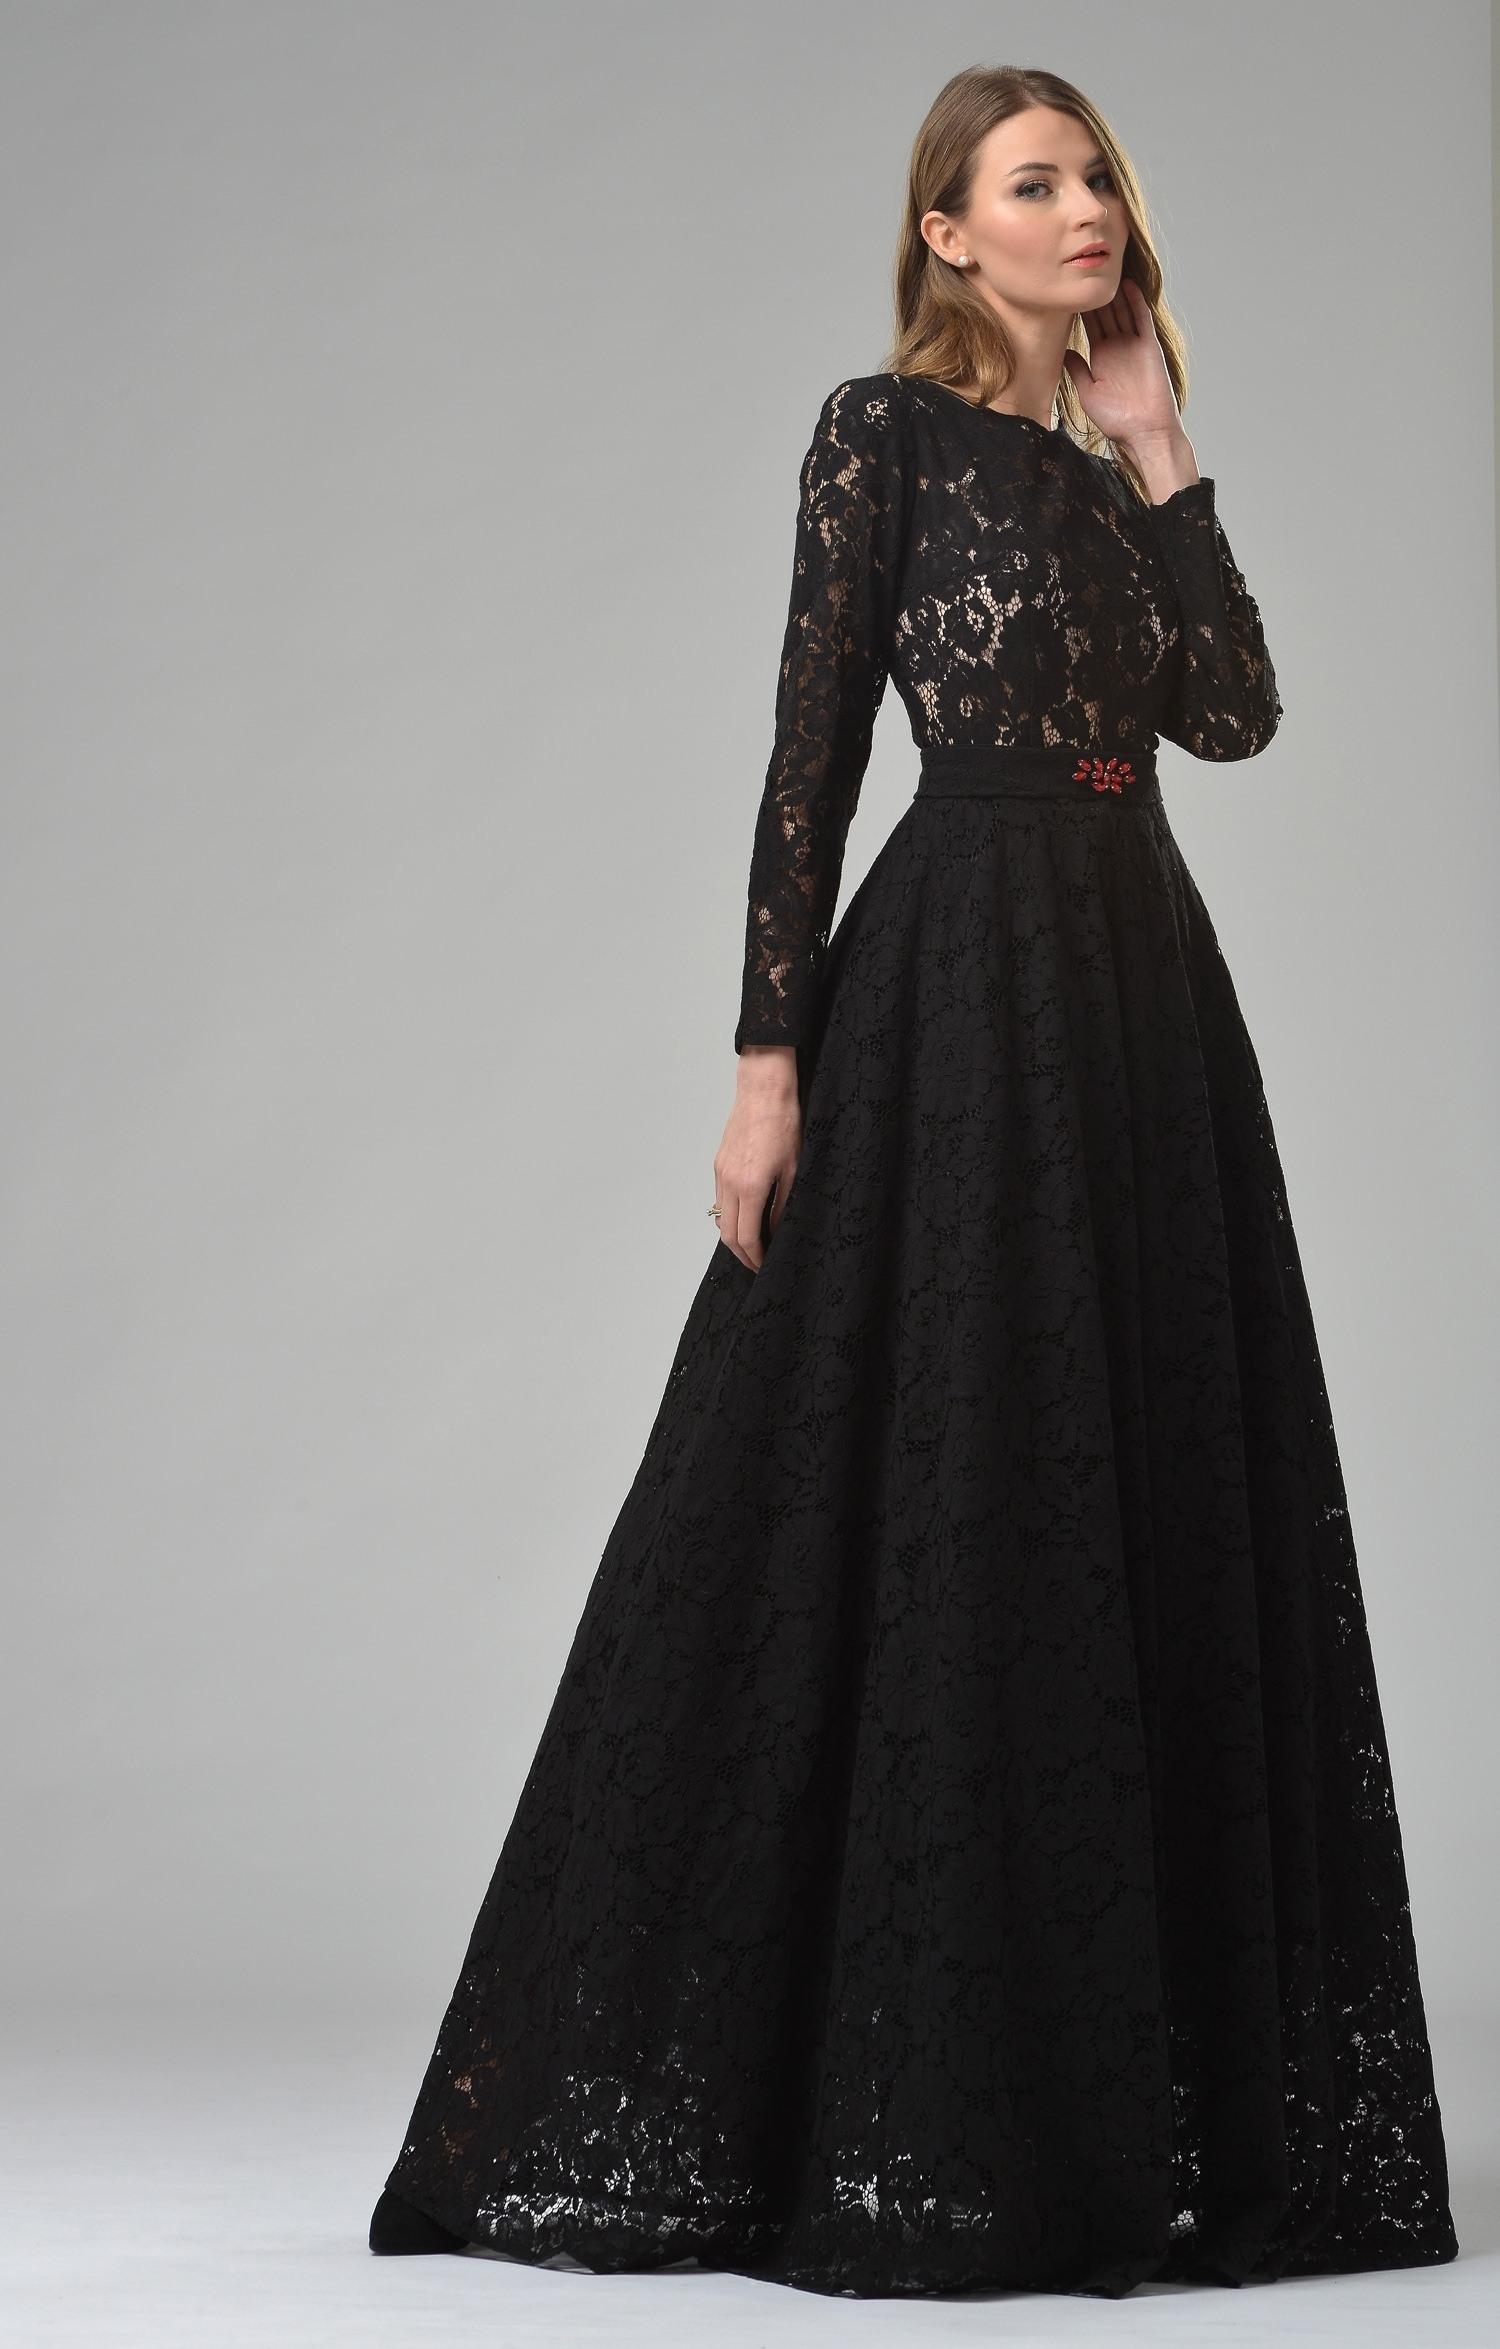 13 Erstaunlich Schwarzes Kleid Lang VertriebAbend Wunderbar Schwarzes Kleid Lang Vertrieb